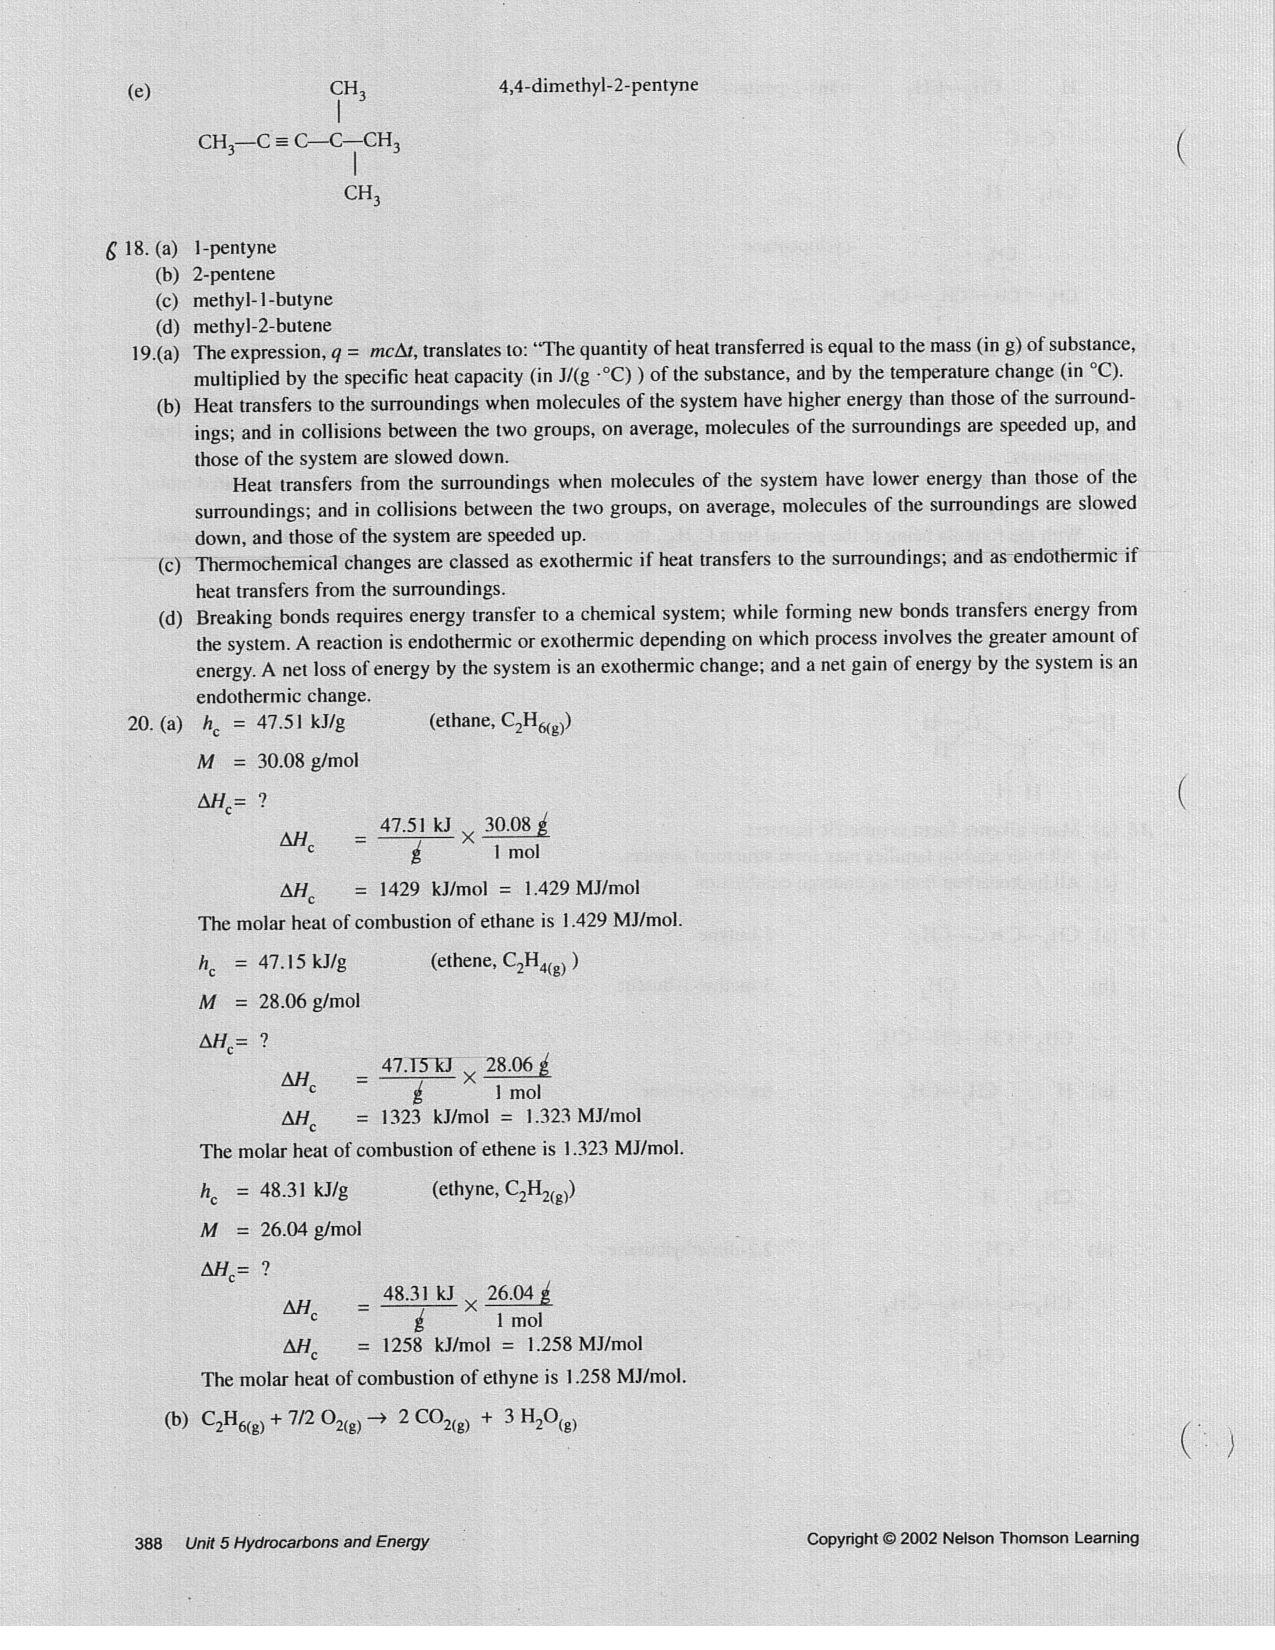 hight resolution of mathball / Grade 11 Chemistry sem 2 08-09